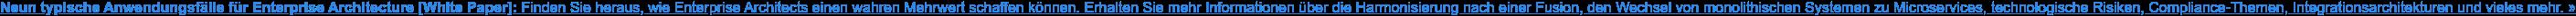 Neun typische Anwendungsfälle für Enterprise Architecture [White Paper]: Finden  Sie heraus, wie Enterprise Architects einen wahren Mehrwert schaffen können.  Erhalten Sie mehr Informationen über die Harmonisierung nach einer Fusion, den  Wechsel von monolithischen Systemen zu Microservices, technologische Risiken,  Compliance-Themen, Integrationsarchitekturen und vieles mehr. »